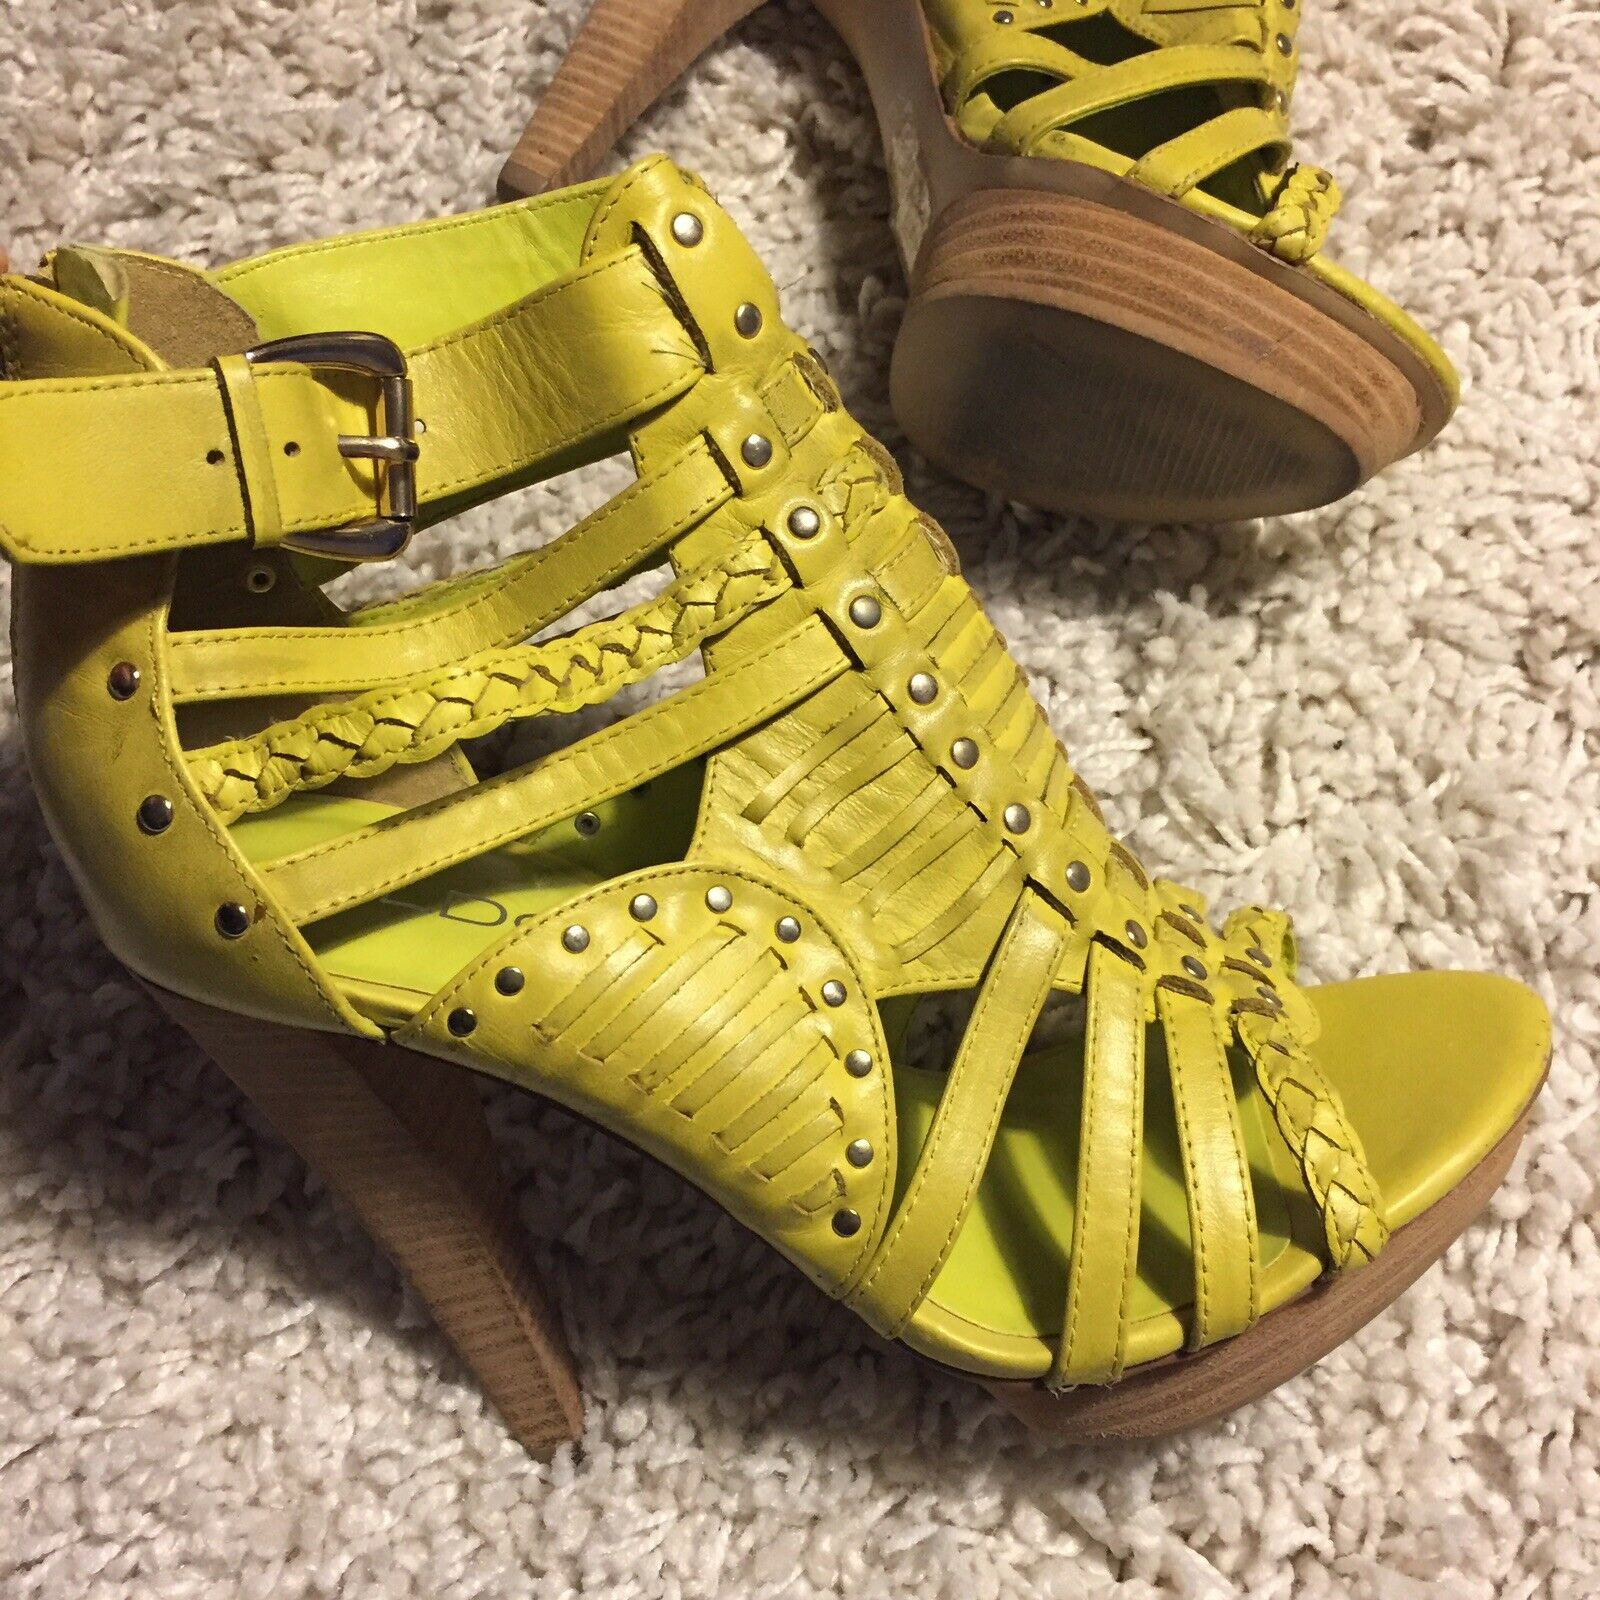 sconto prezzo basso Lime Lime Lime verde Caged Sandal Heels by Aldo Sz.7  benvenuto a scegliere